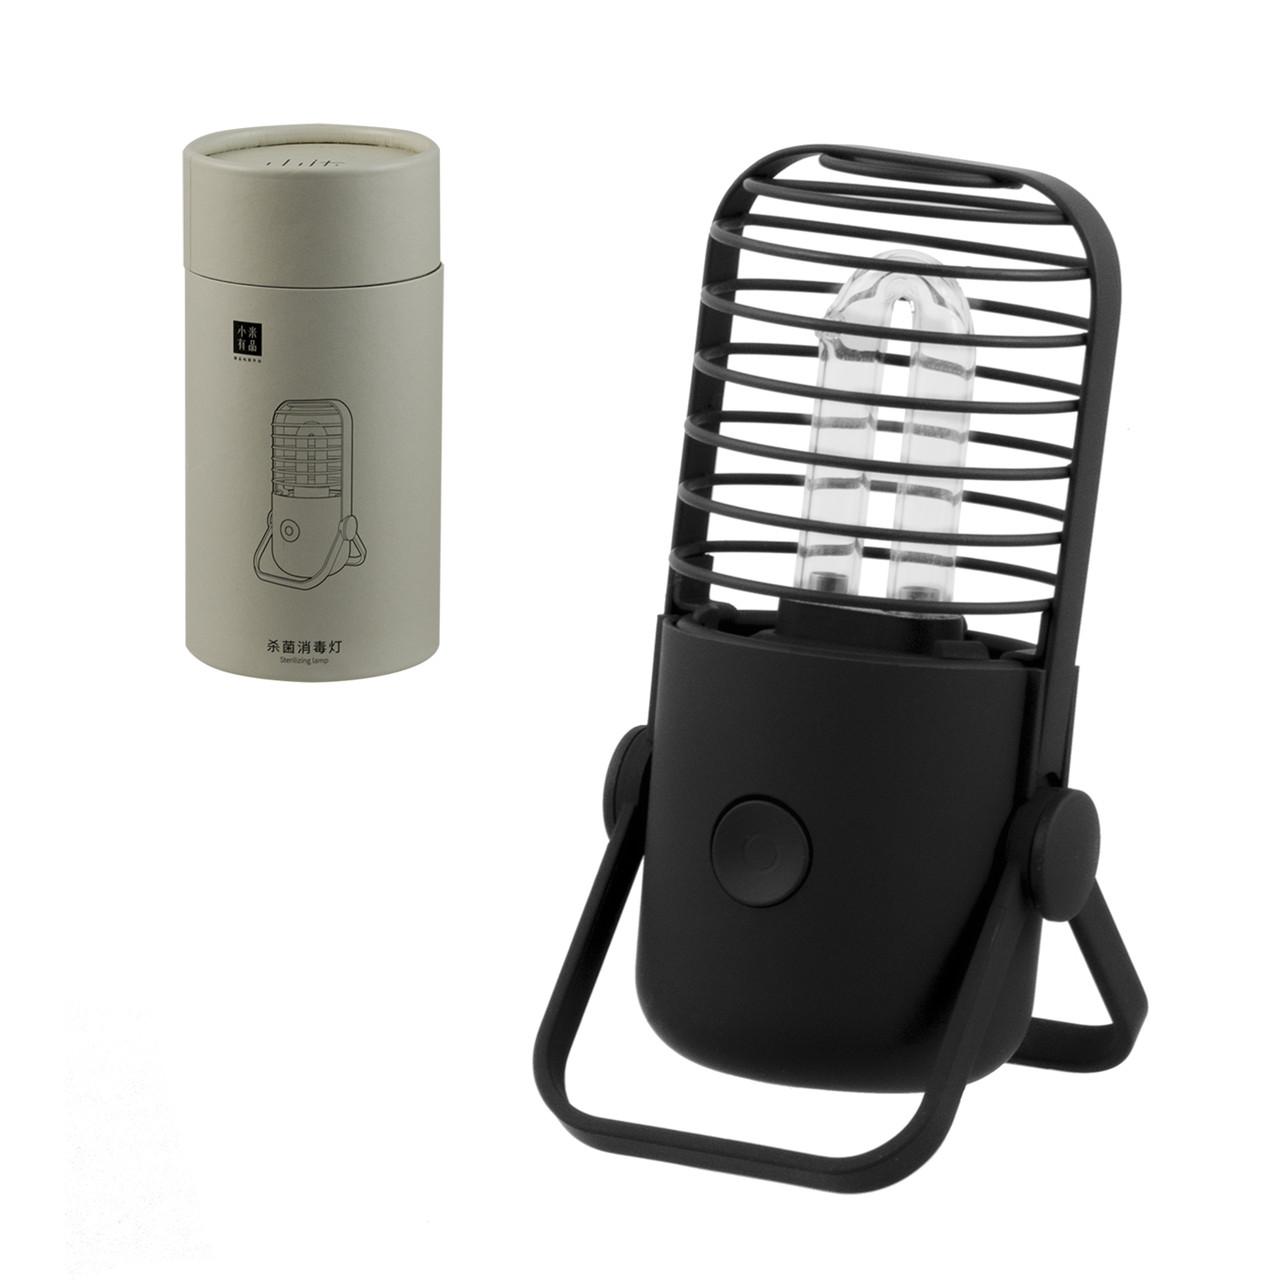 Бактерицидная лампа для стерилизации Xiaomi Xiaoda UVC Disinfection Lamp, Black